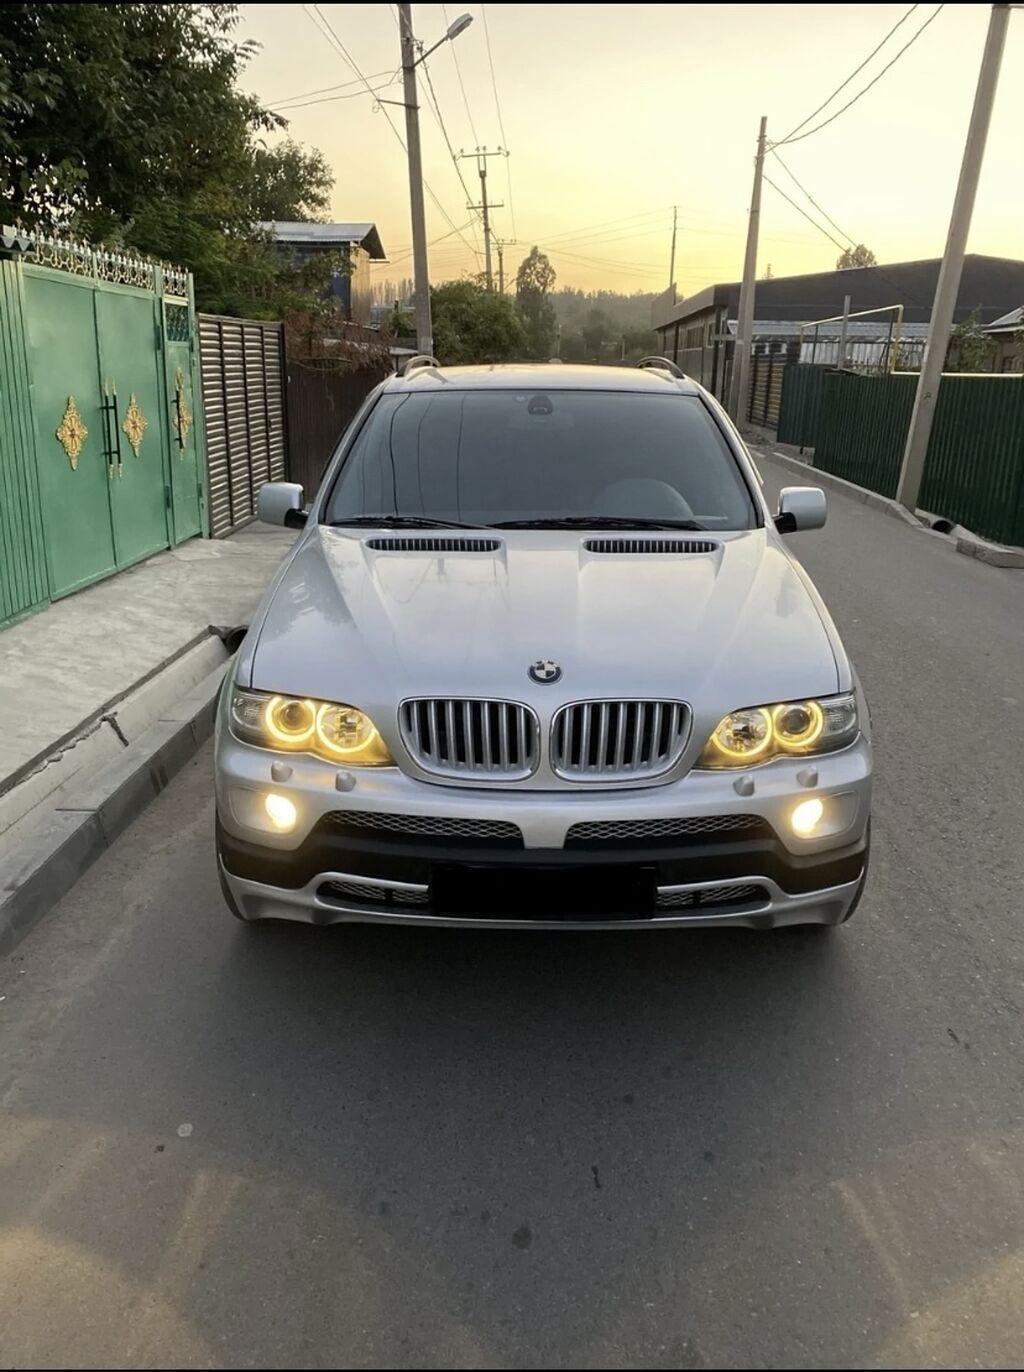 BMW X5 3 л. 2004 | 270000 км: BMW X5 3 л. 2004 | 270000 км